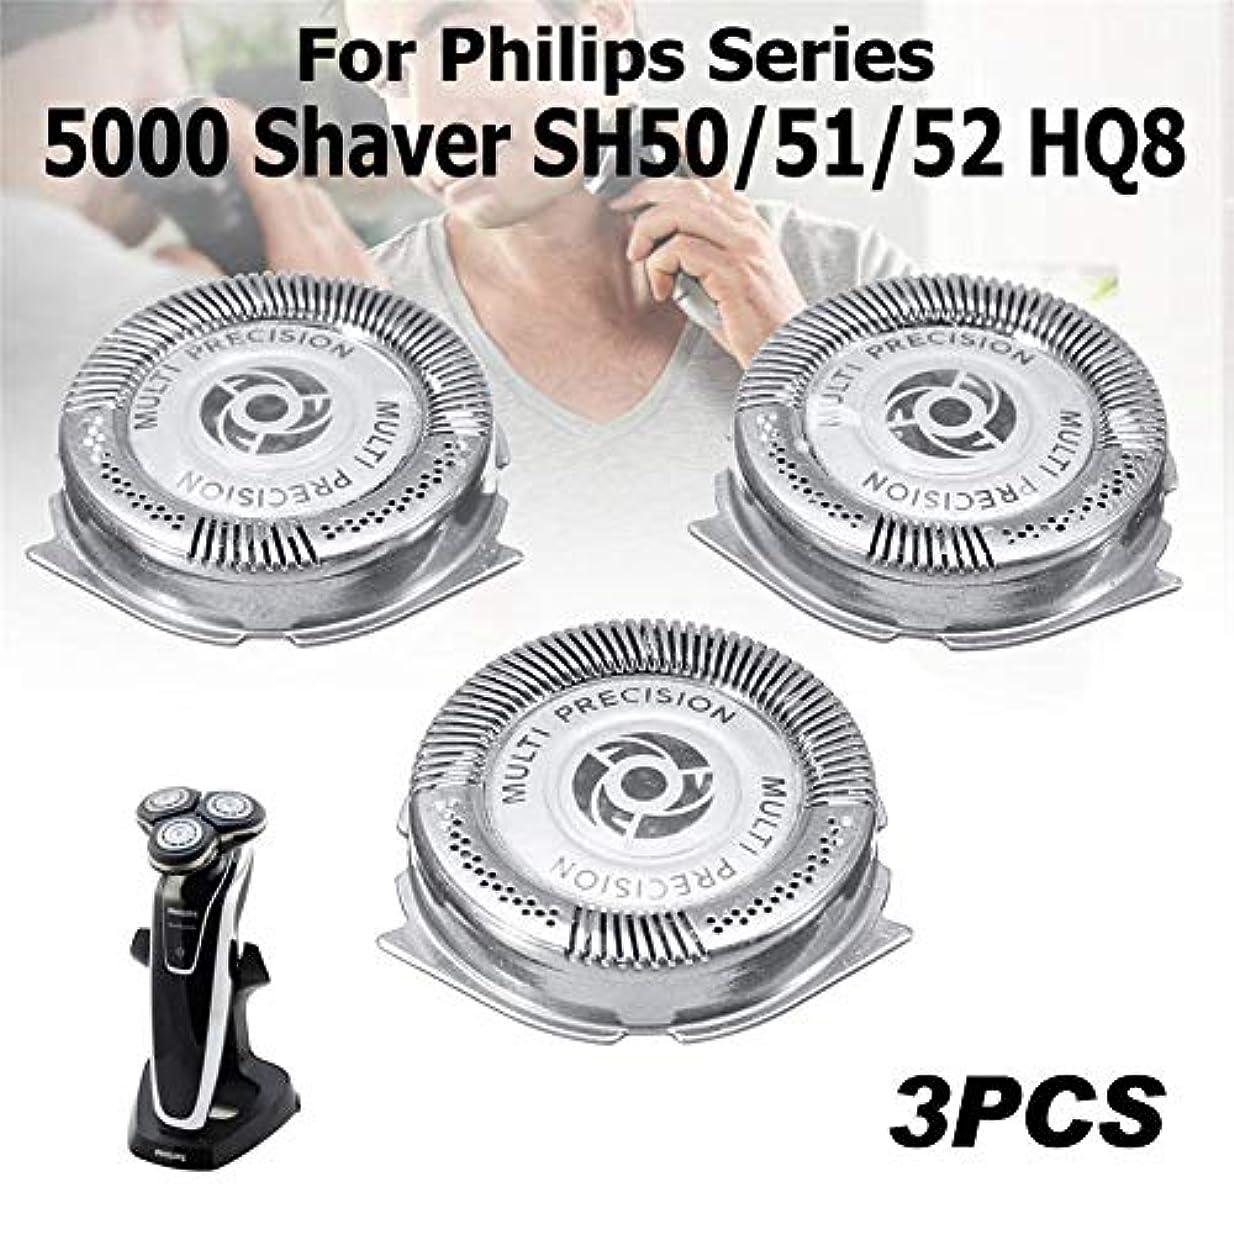 化粧兄弟愛マイルcolmall 3PCS シェーバー 替刃 シェーバー ヘッド フィリップスシリーズ5000シェーバーSH50 / 51/52 HQ8用 交換ヘッド 替え刃 3頭のヘッド (フィリップスの型番に適応) normal well-liked